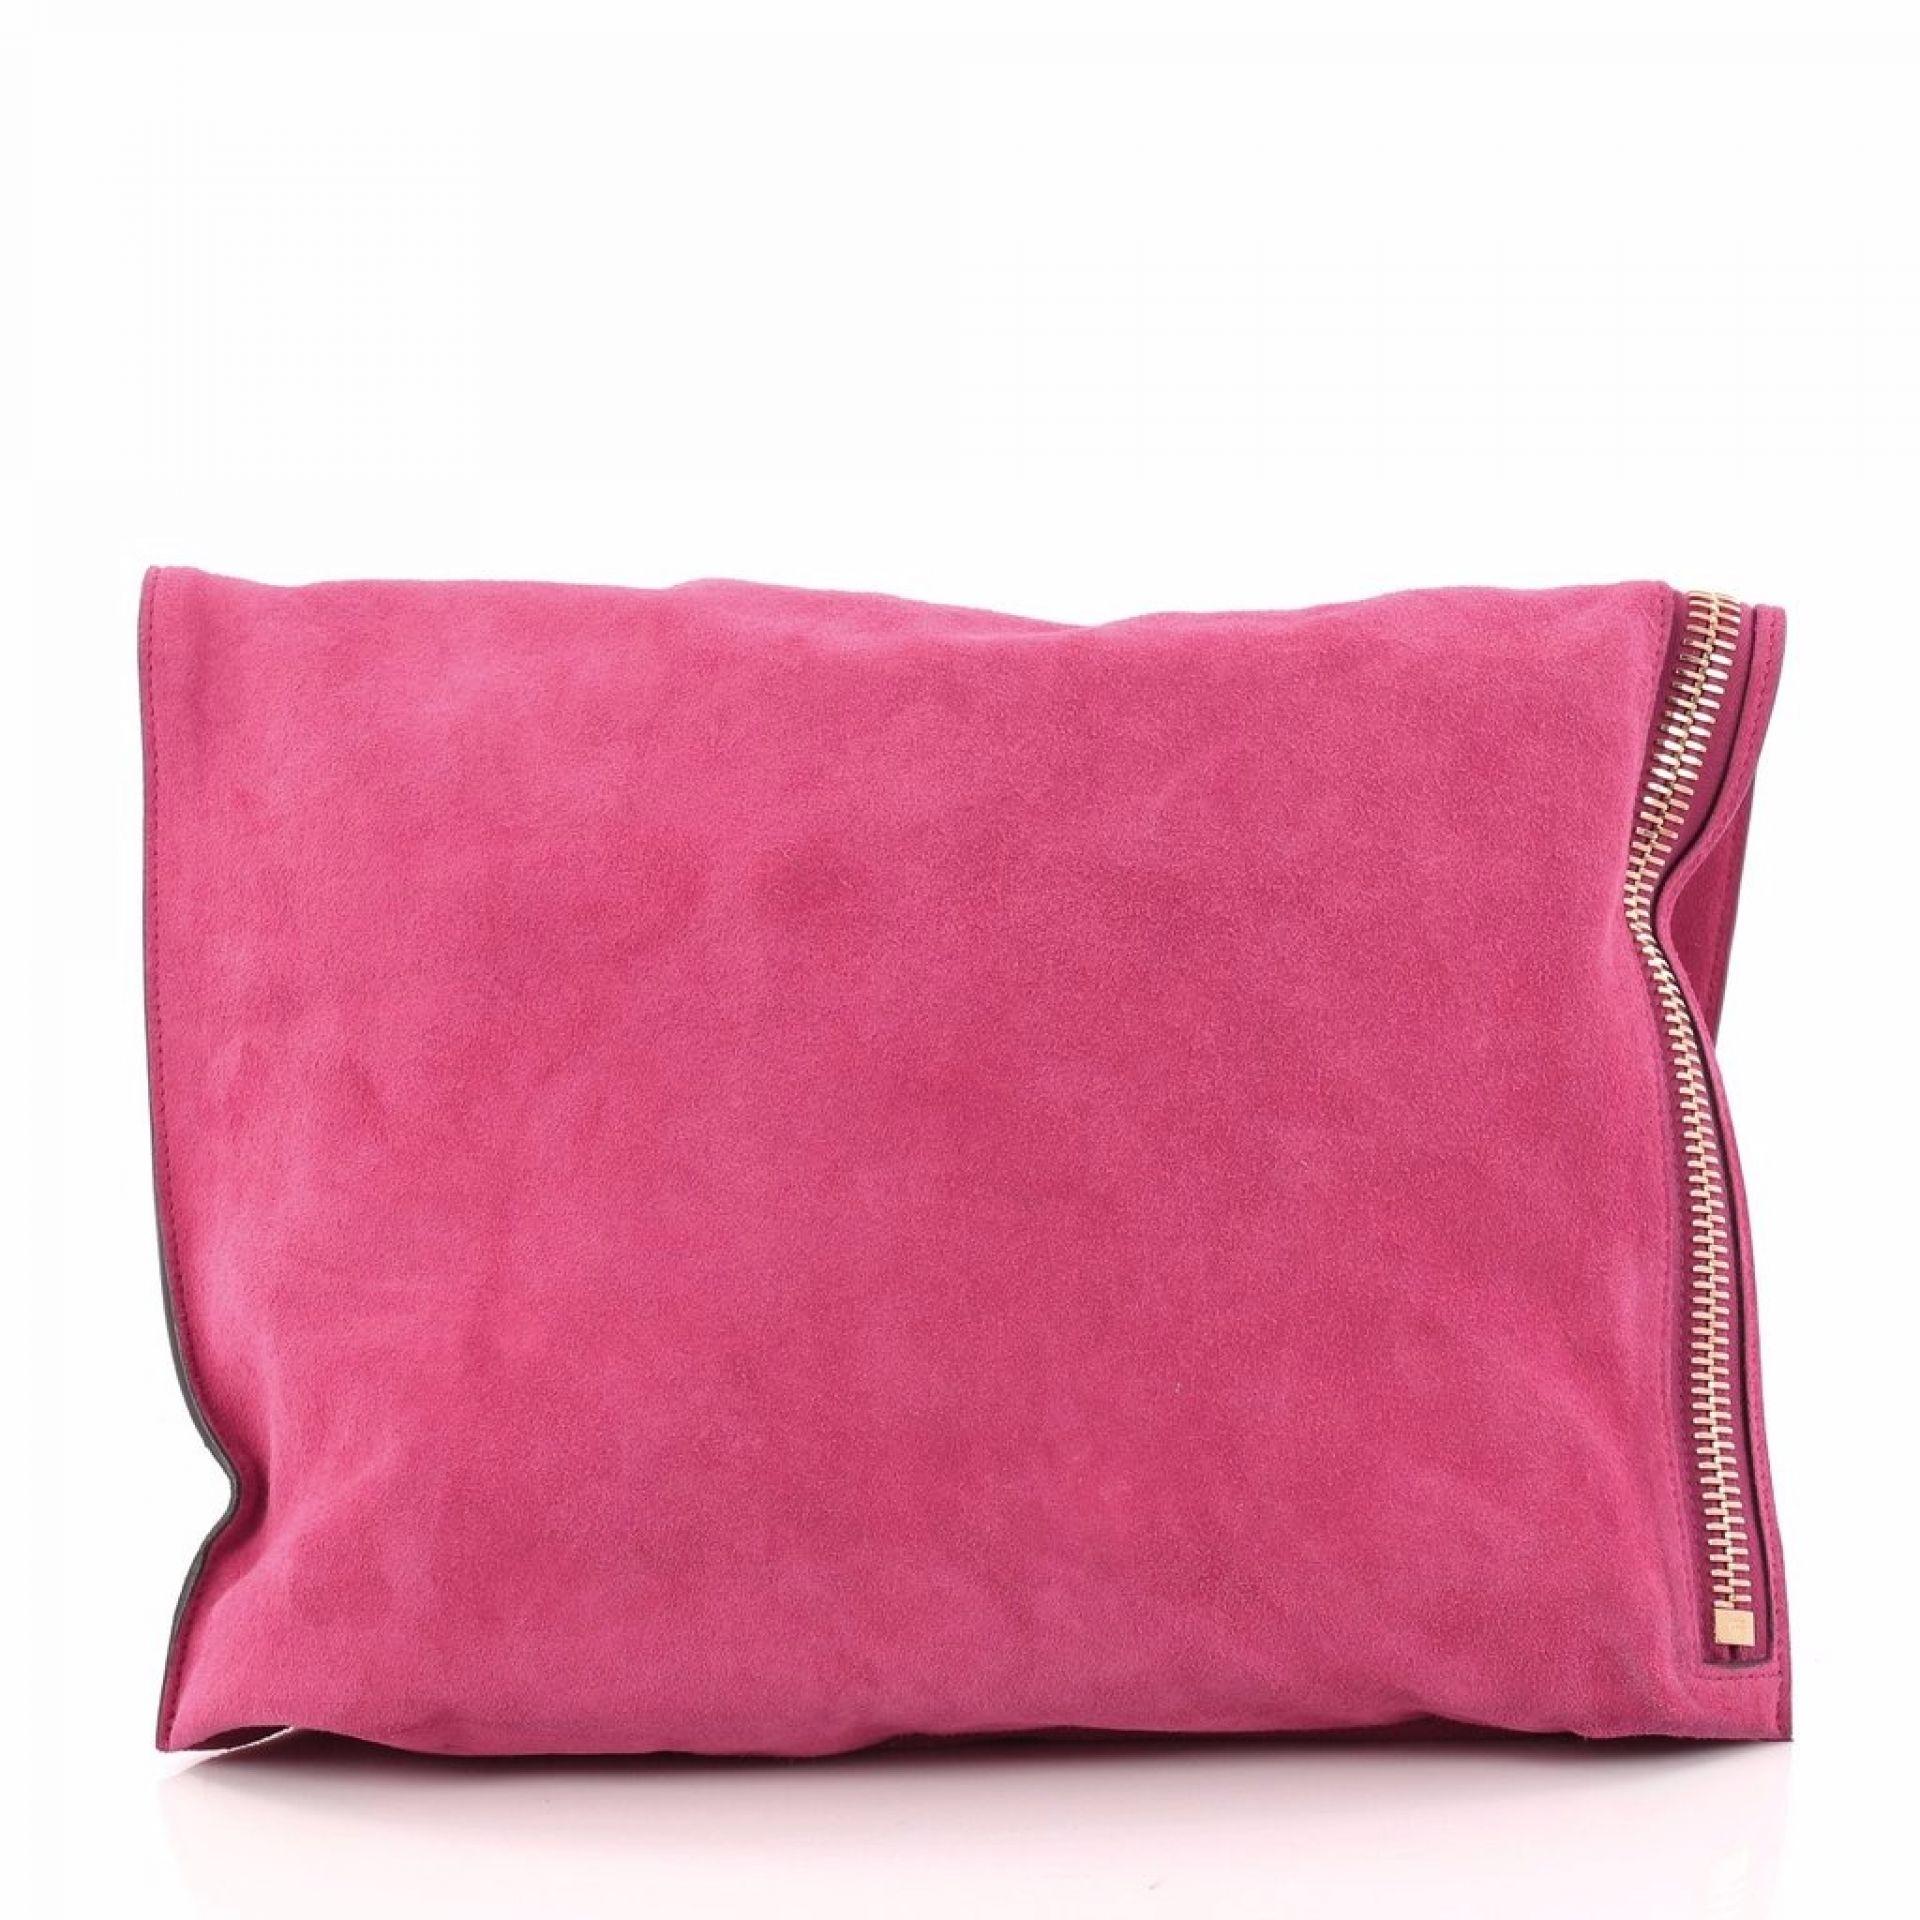 Tom Ford Alix Fold Over Bag Suede Large